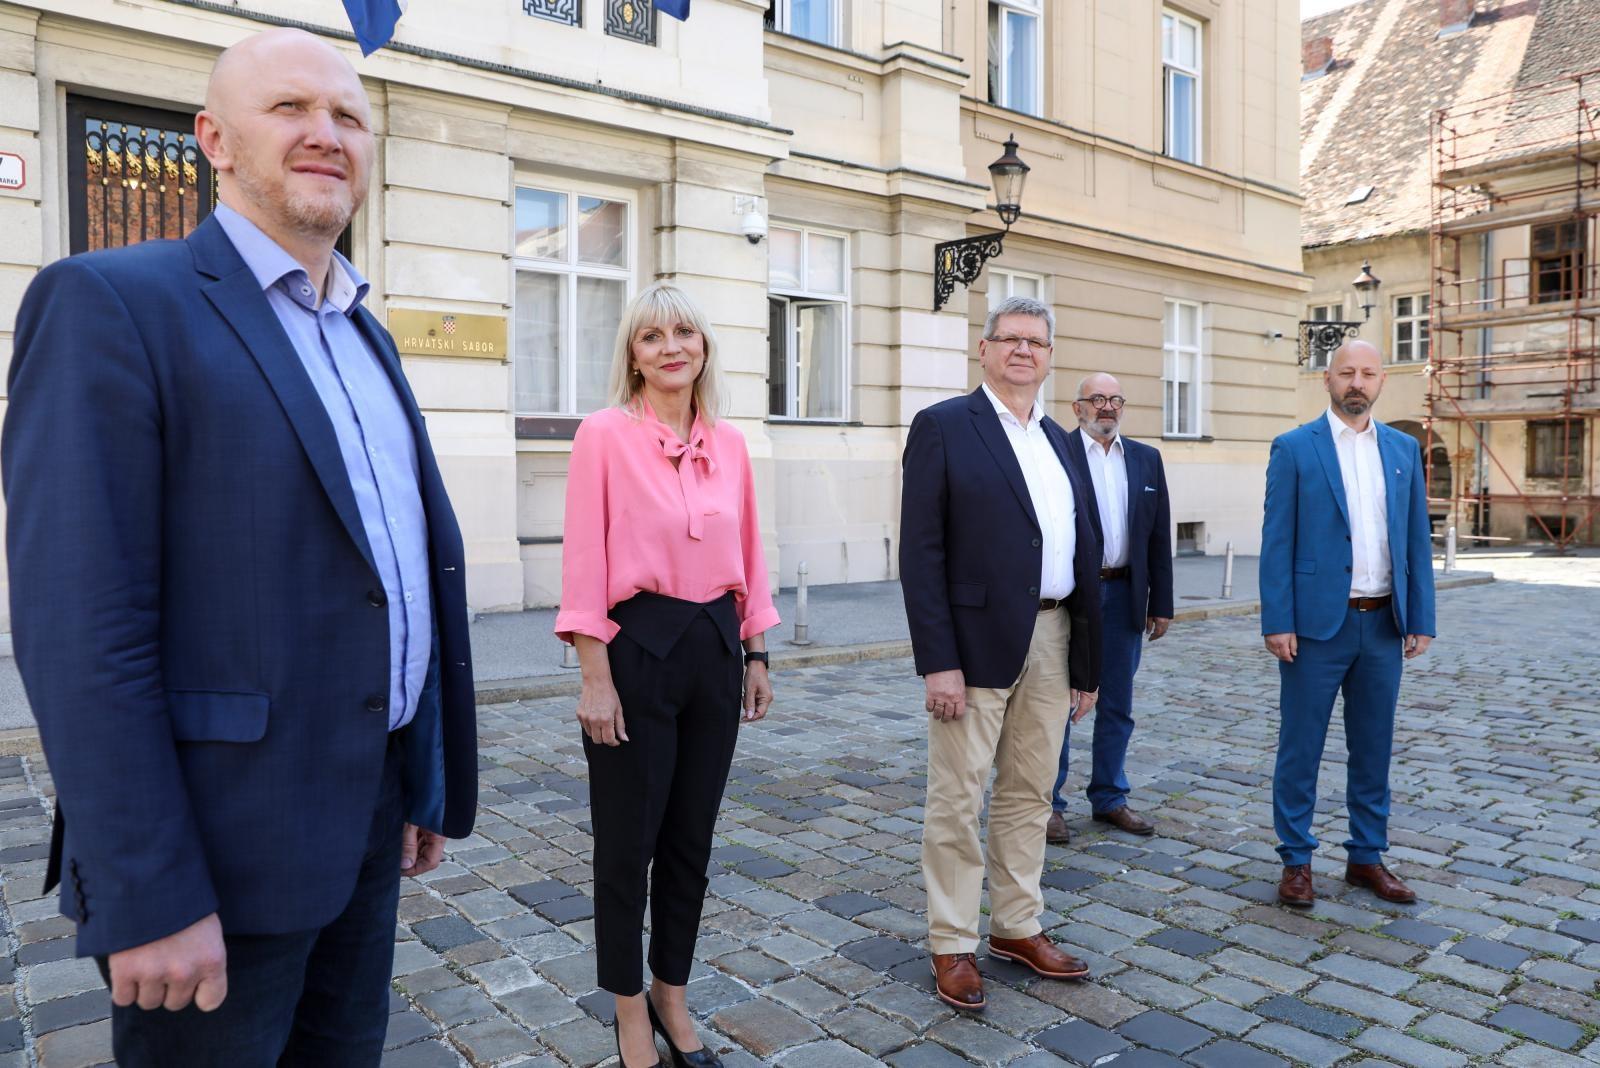 Renato Petek, Bojana Hribljan, Mirando Mrsic, Davor Dobrovic, David Bregovac, photo: Patrik Macek - PIXSELL